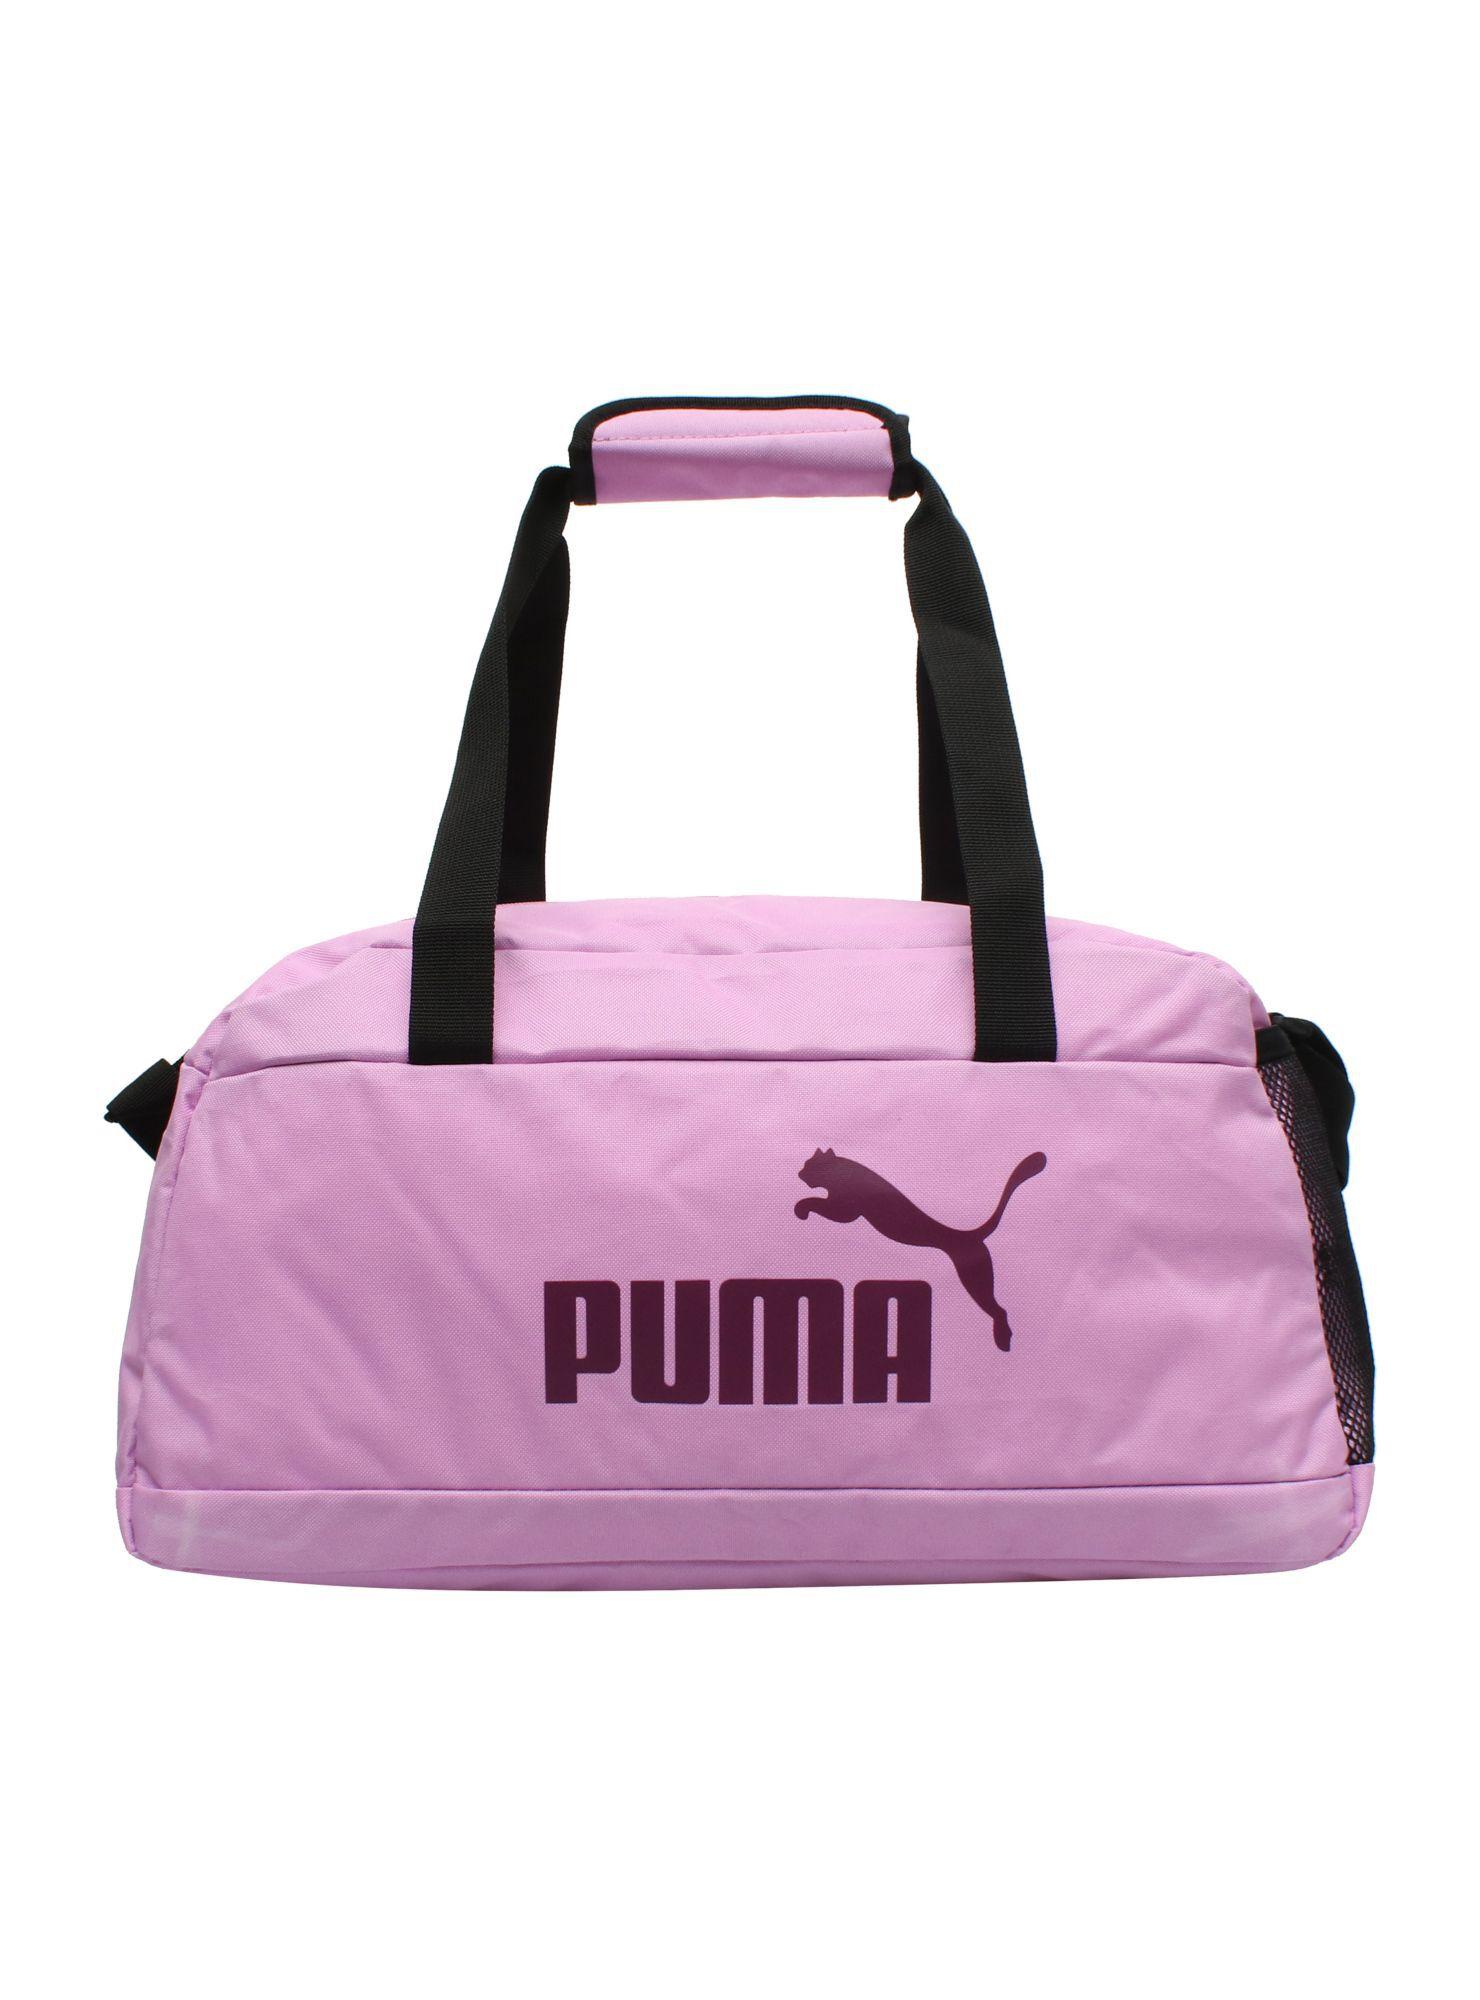 b206978e5 Bolso Deportivo Puma